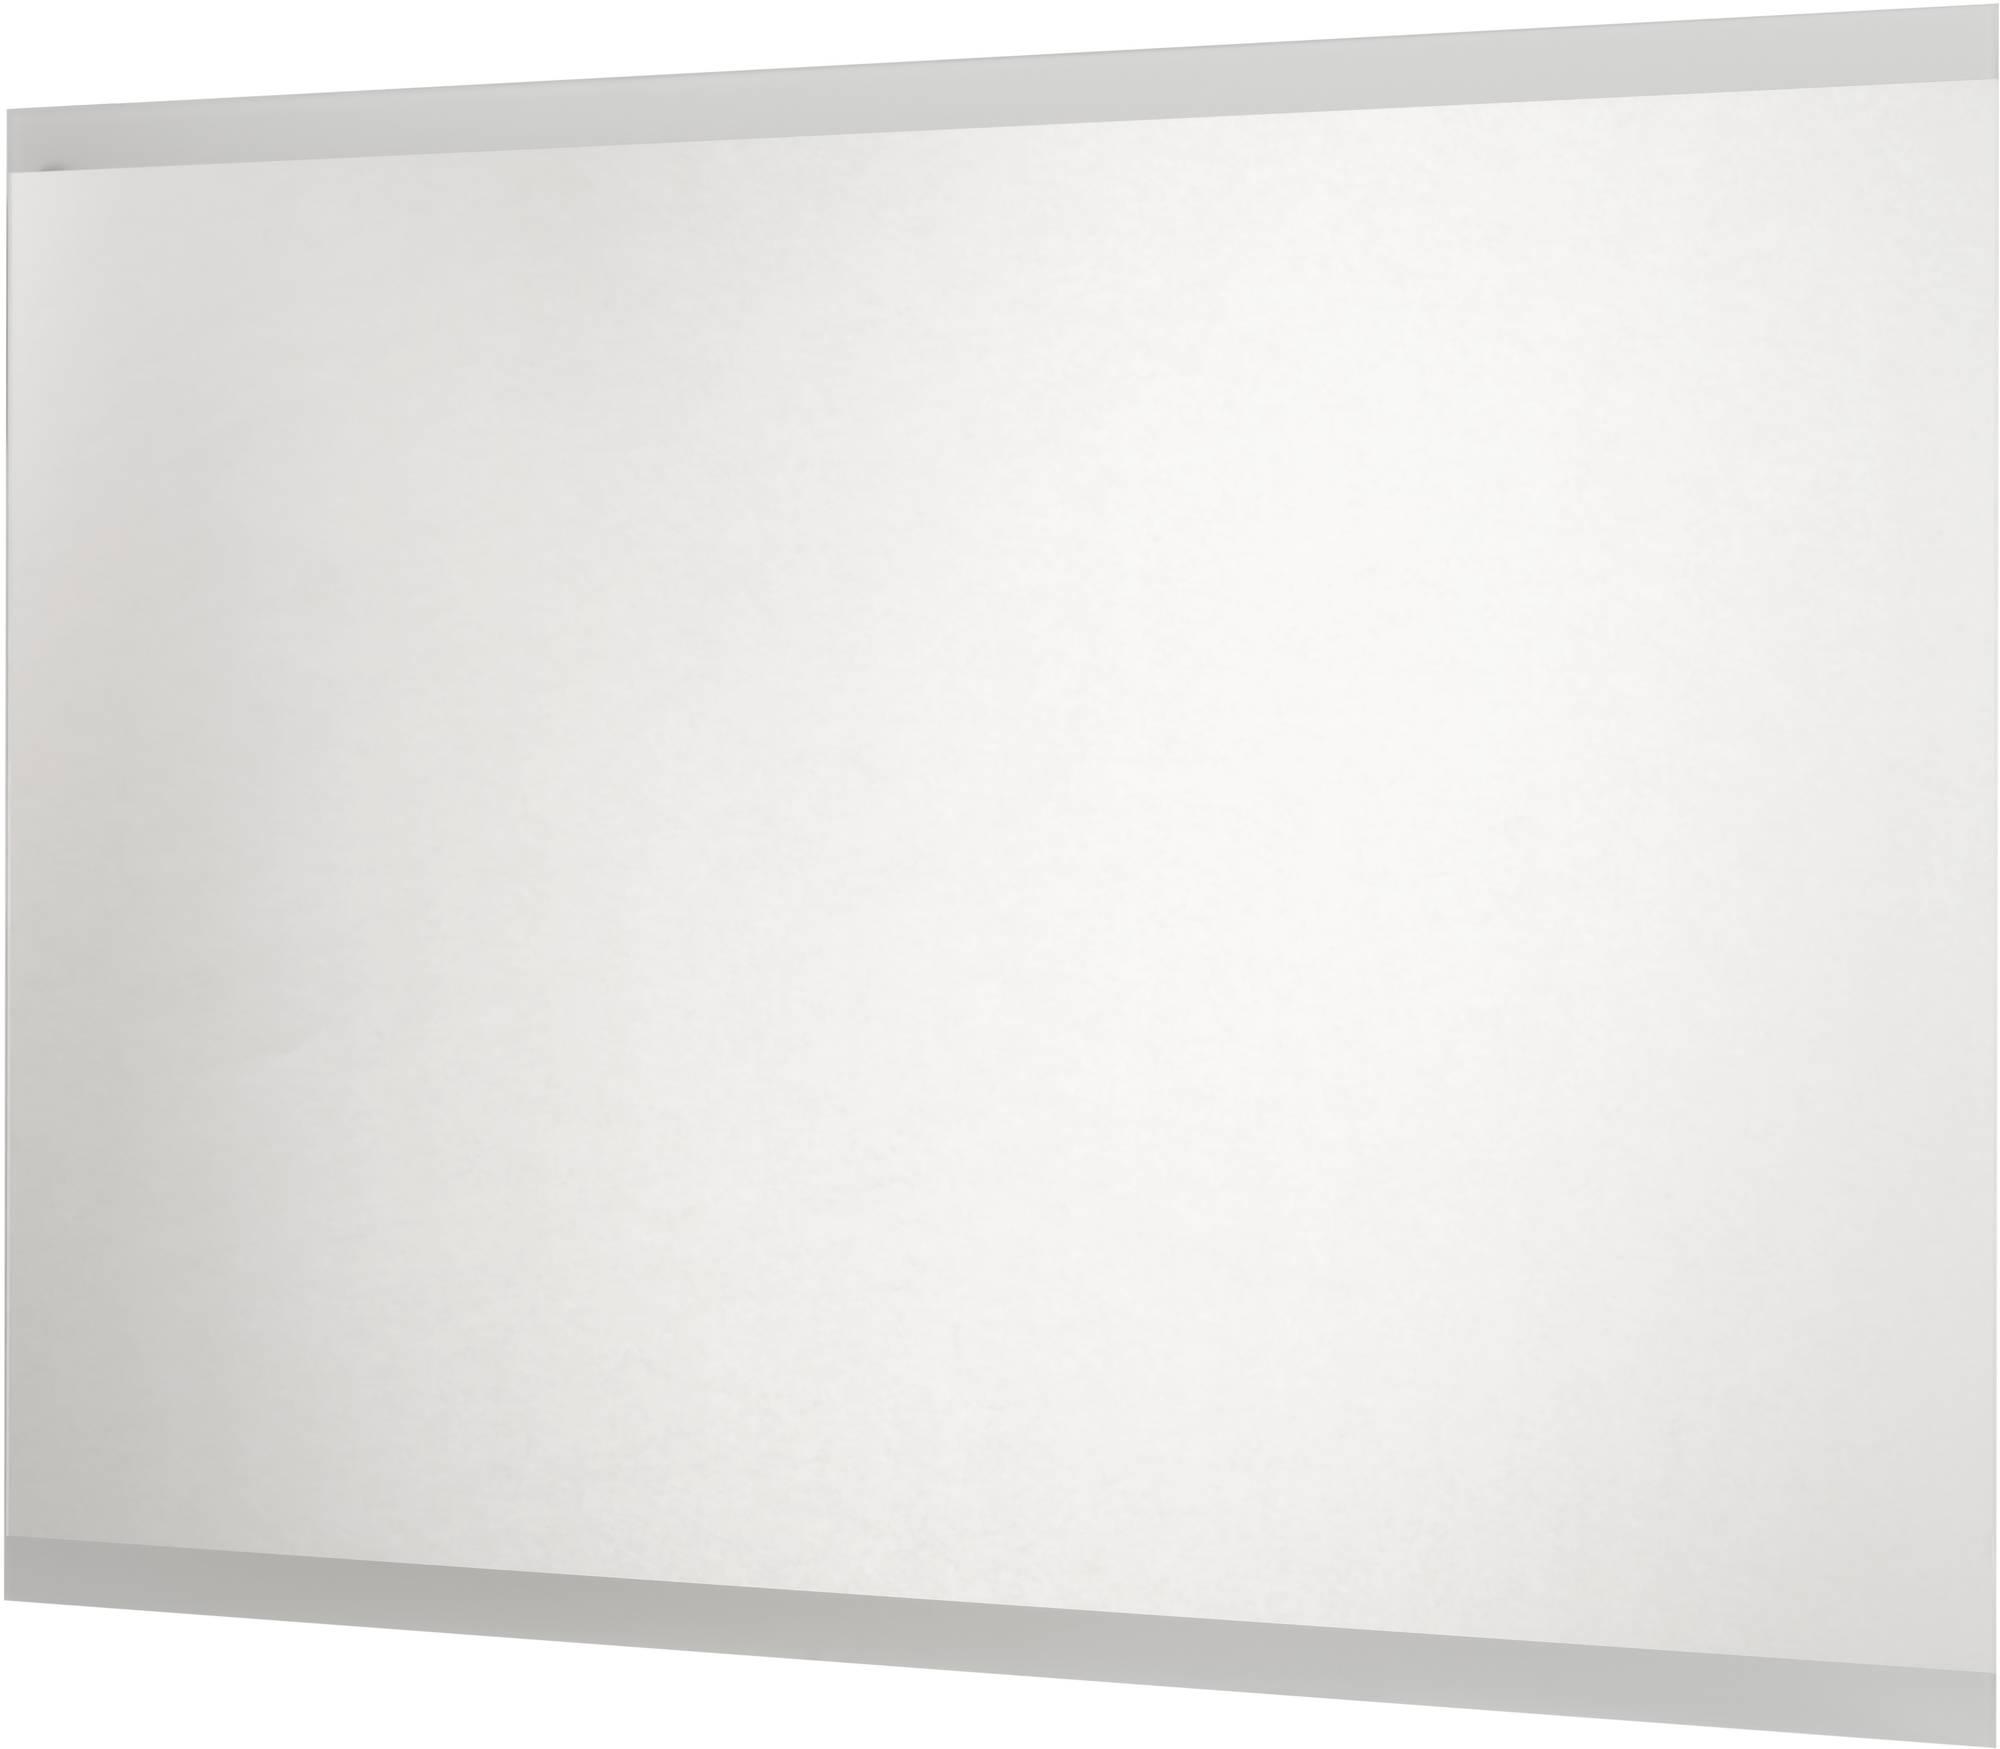 Saniselect Valence Spiegelpaneel Met LED verlichting boven en onder 100cm